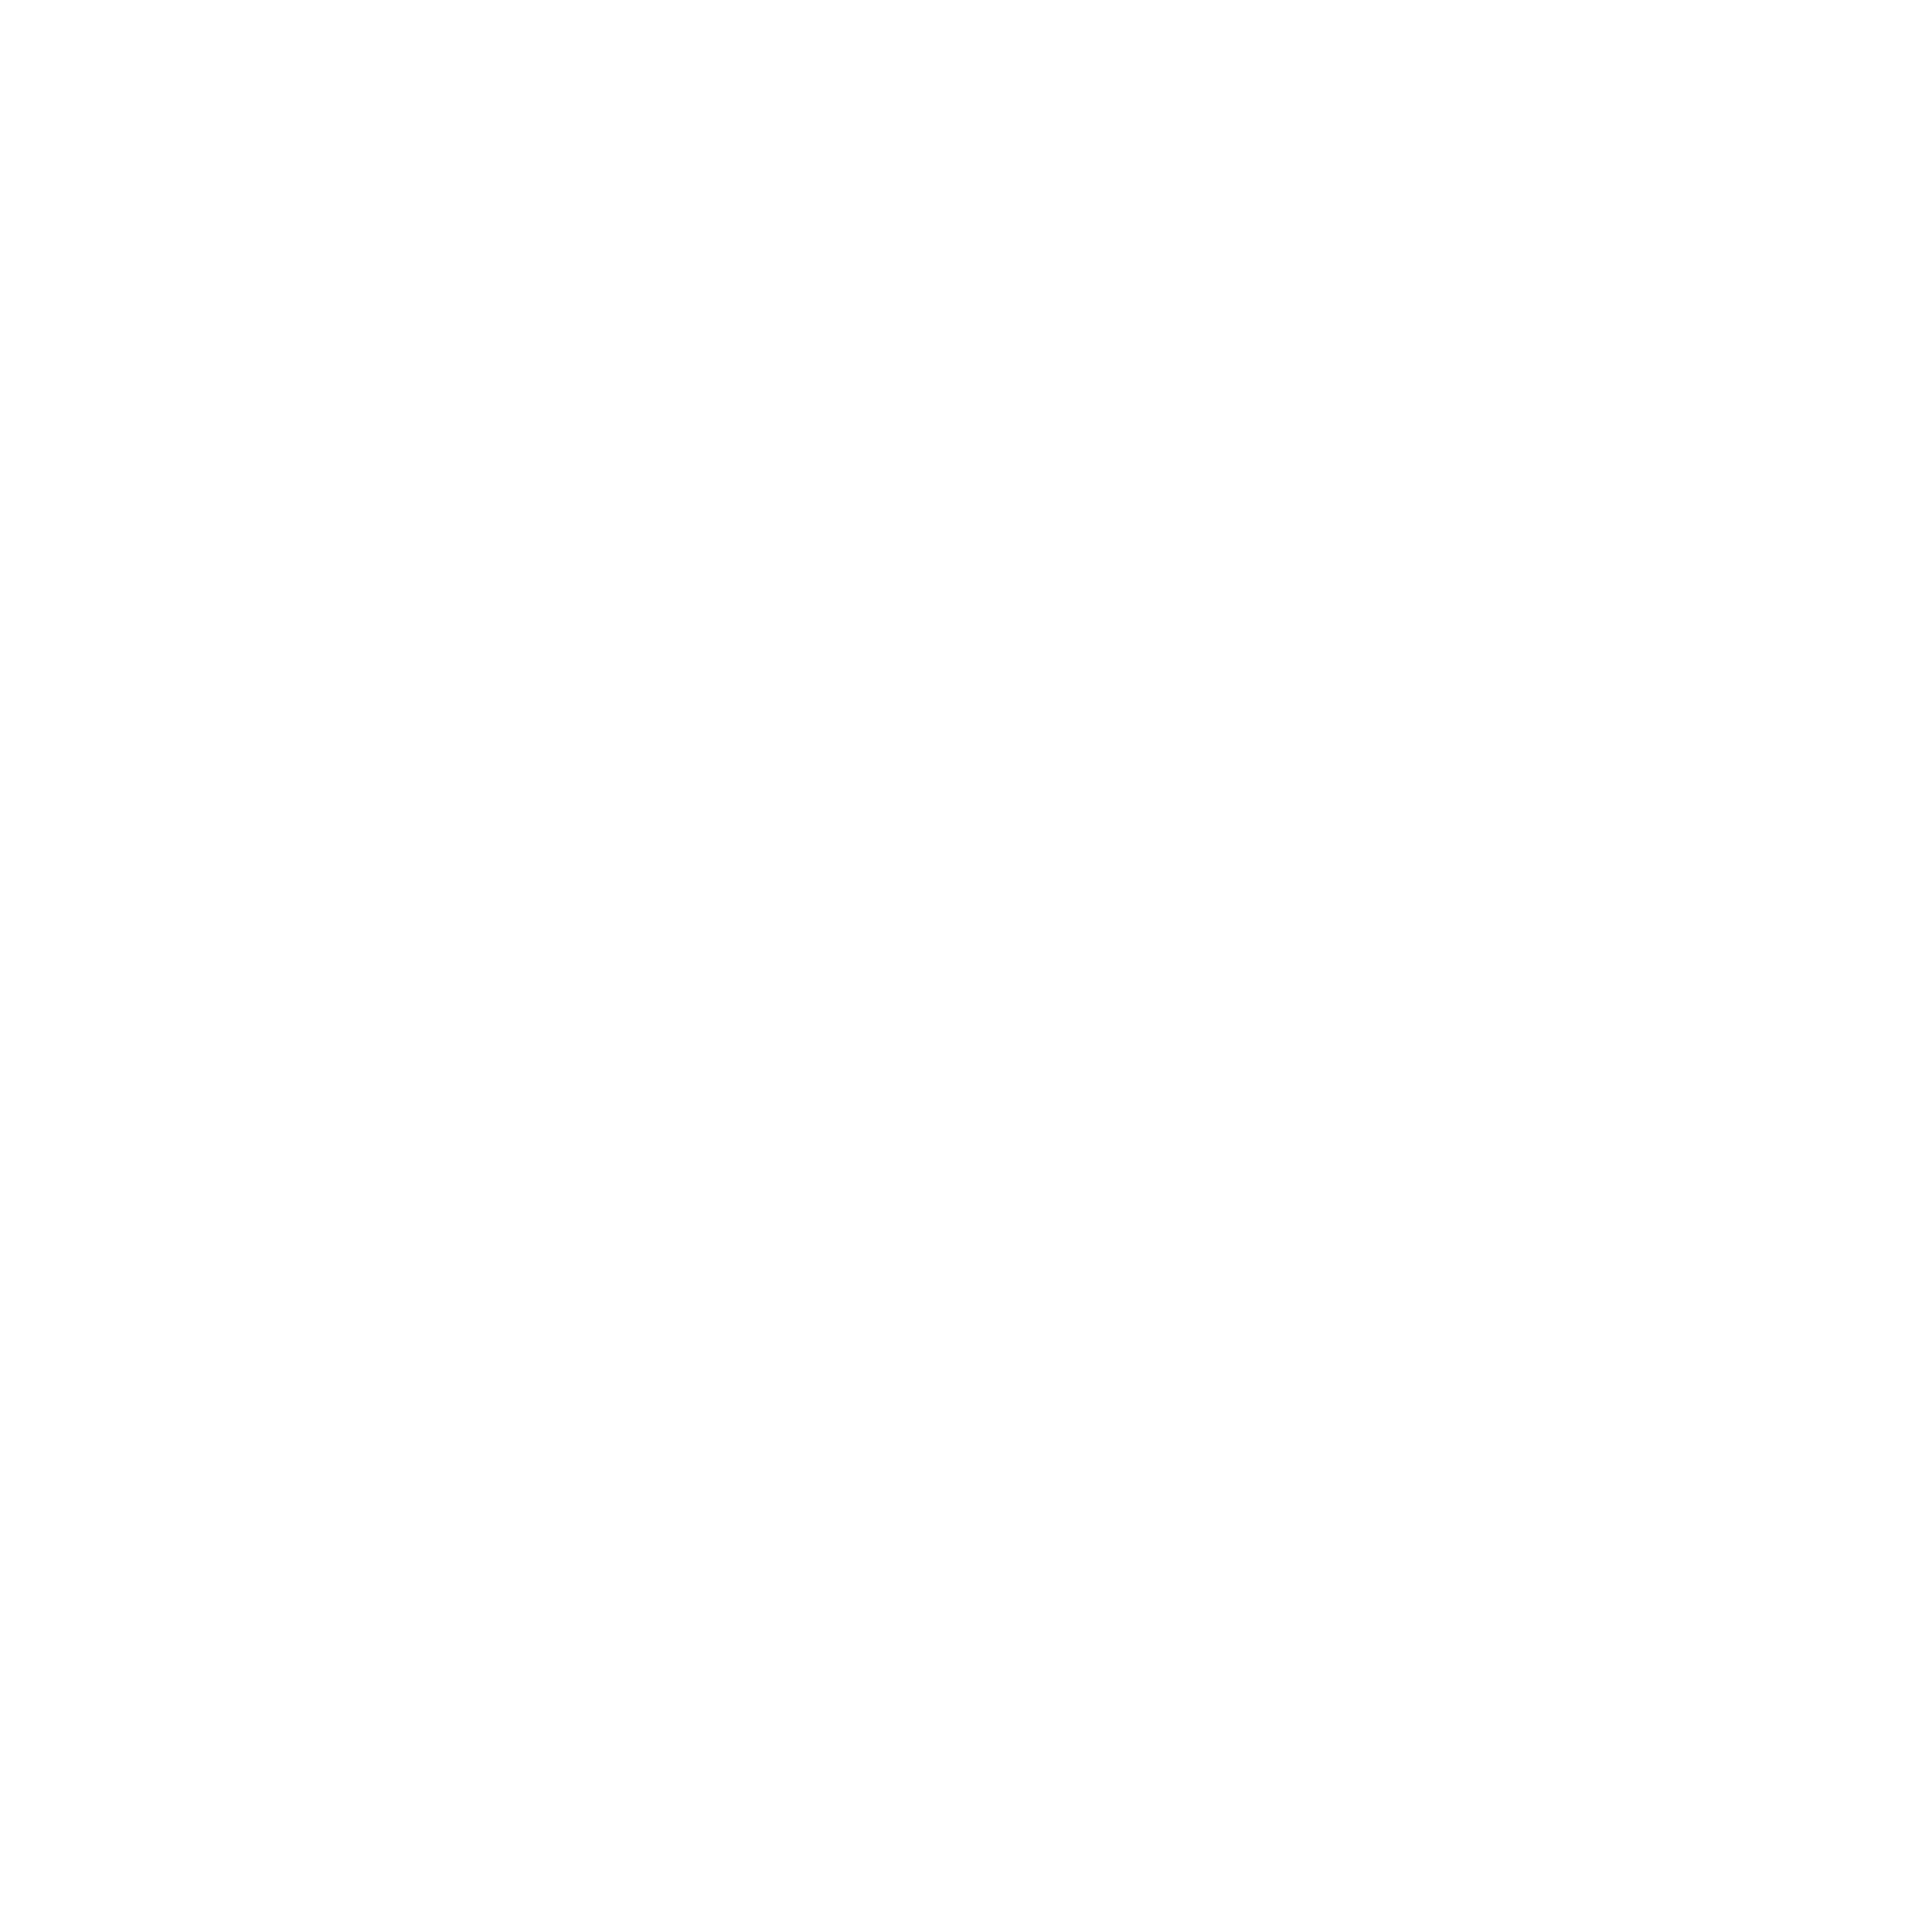 KAG_Logo_White-Trans